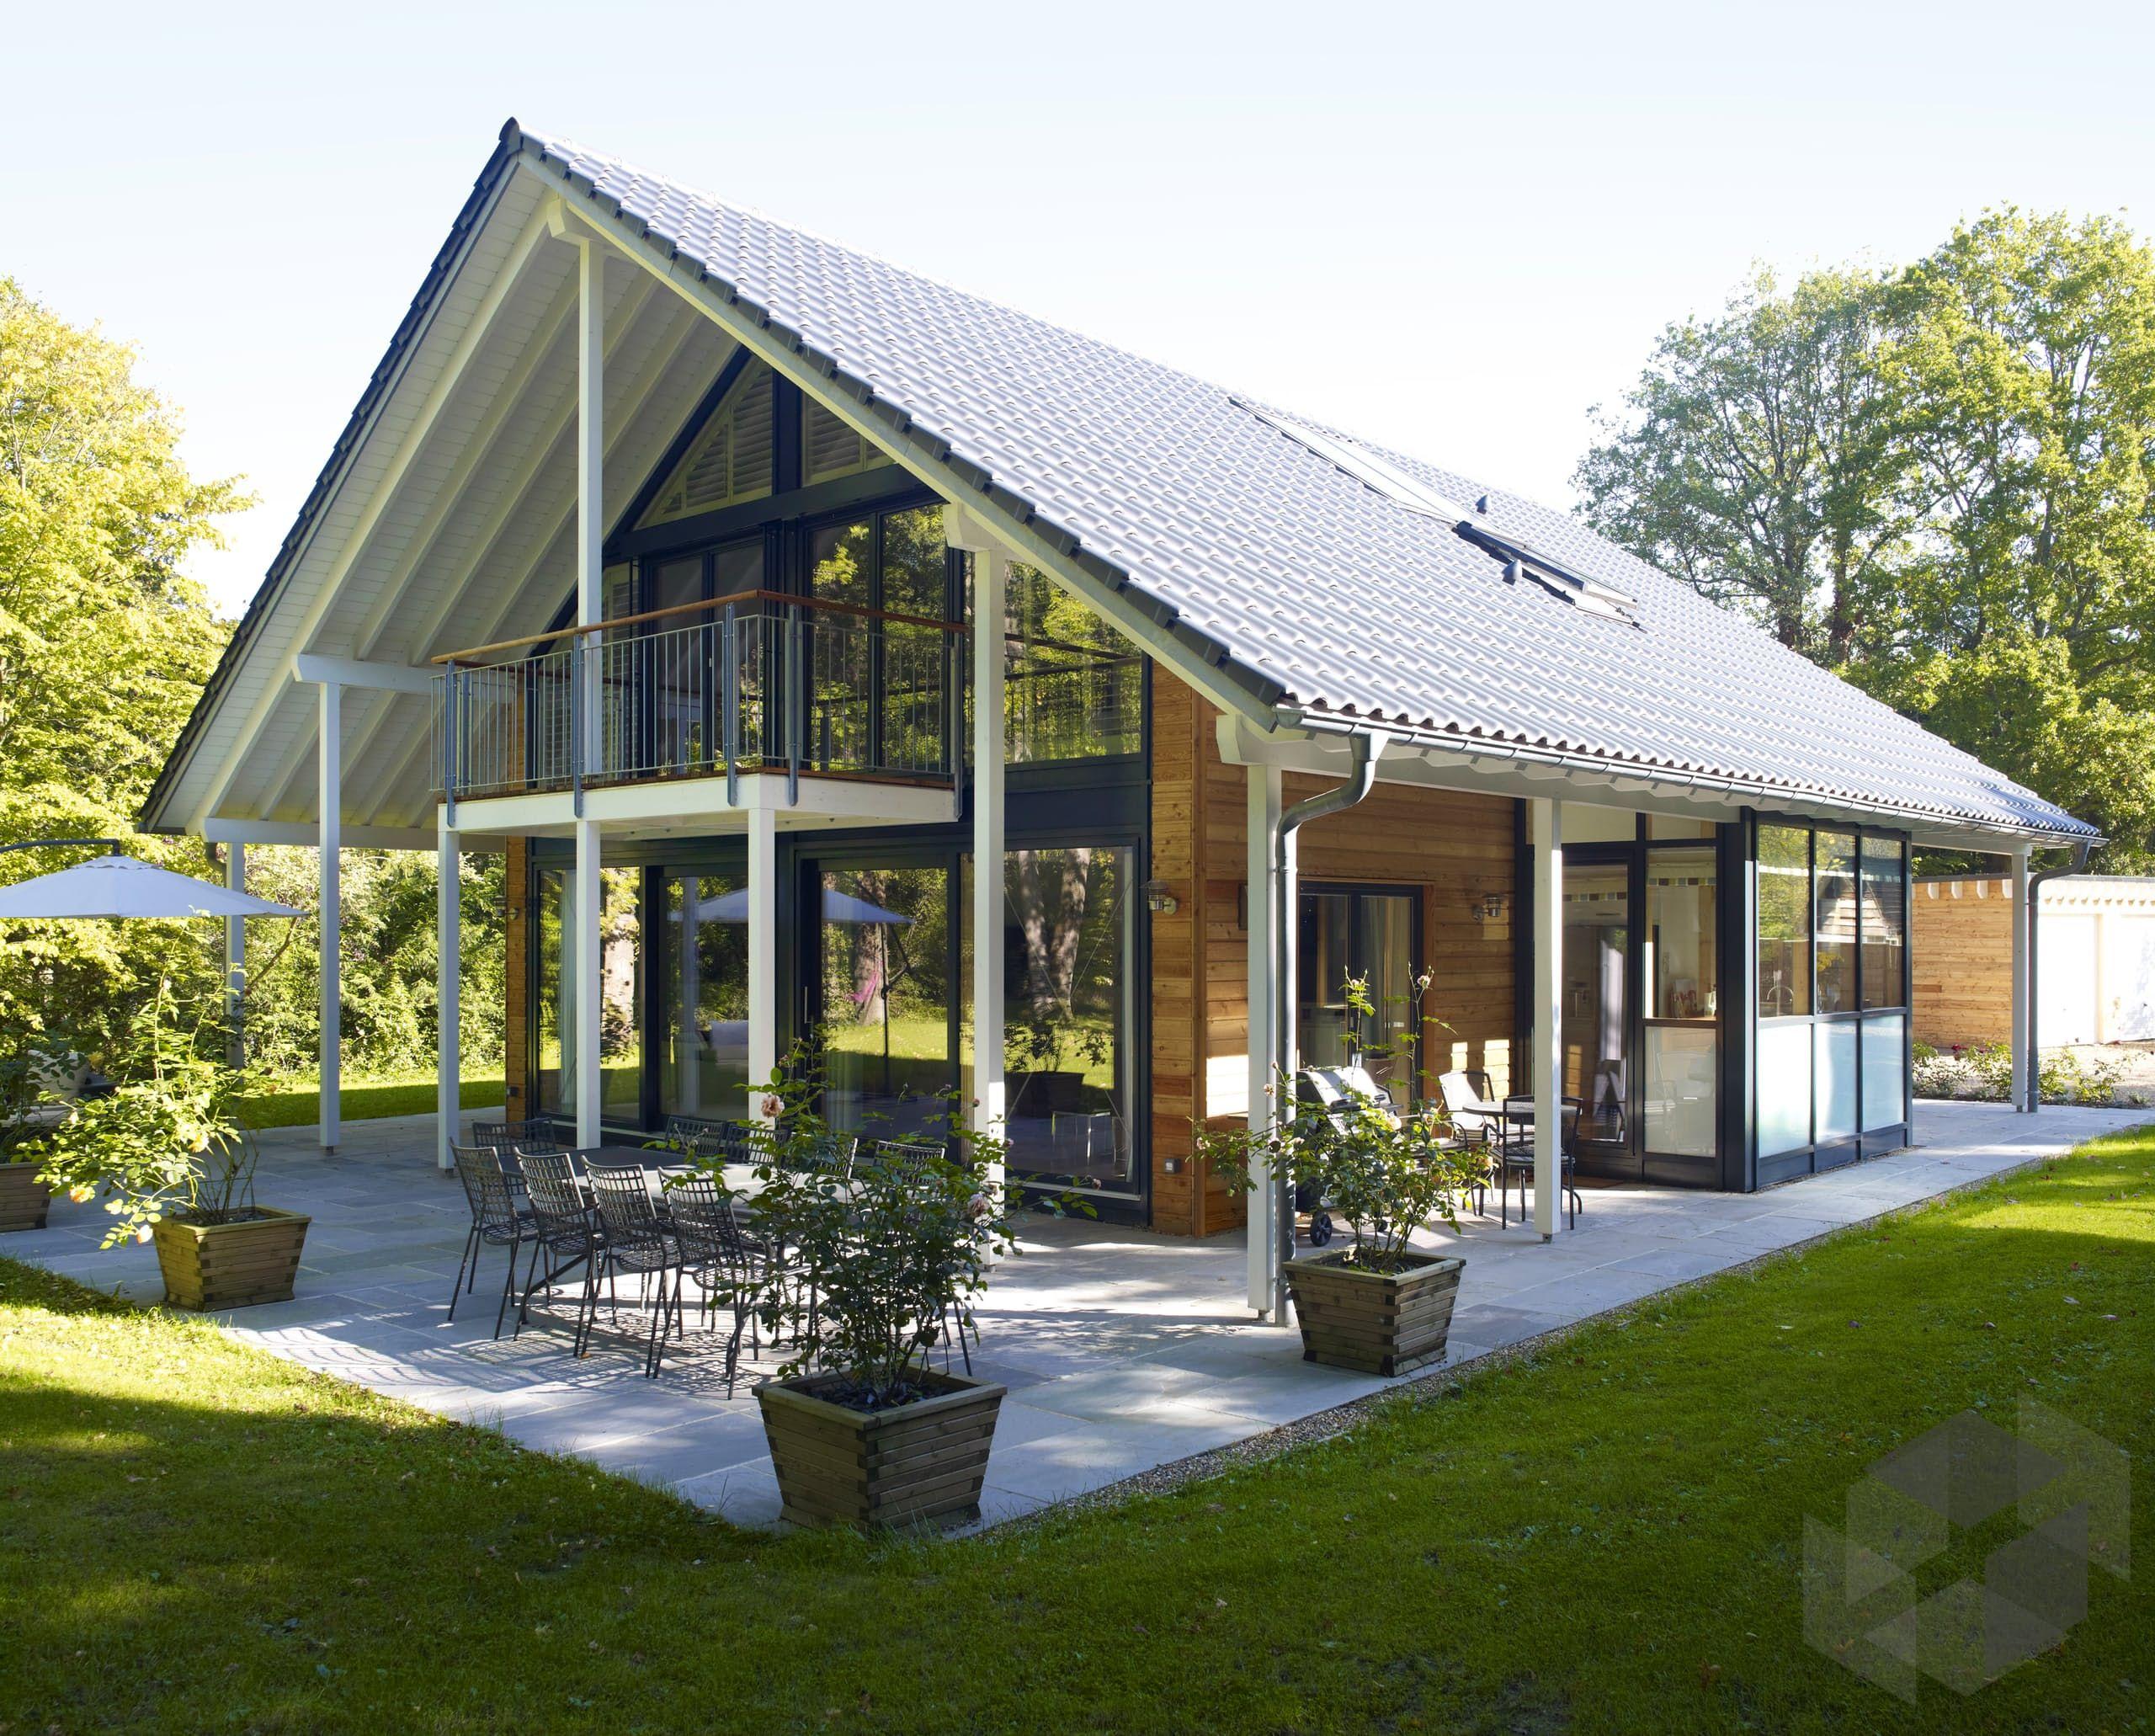 Modernes Fachwerkhaus 'Architektur aus Glas' von Baufritz